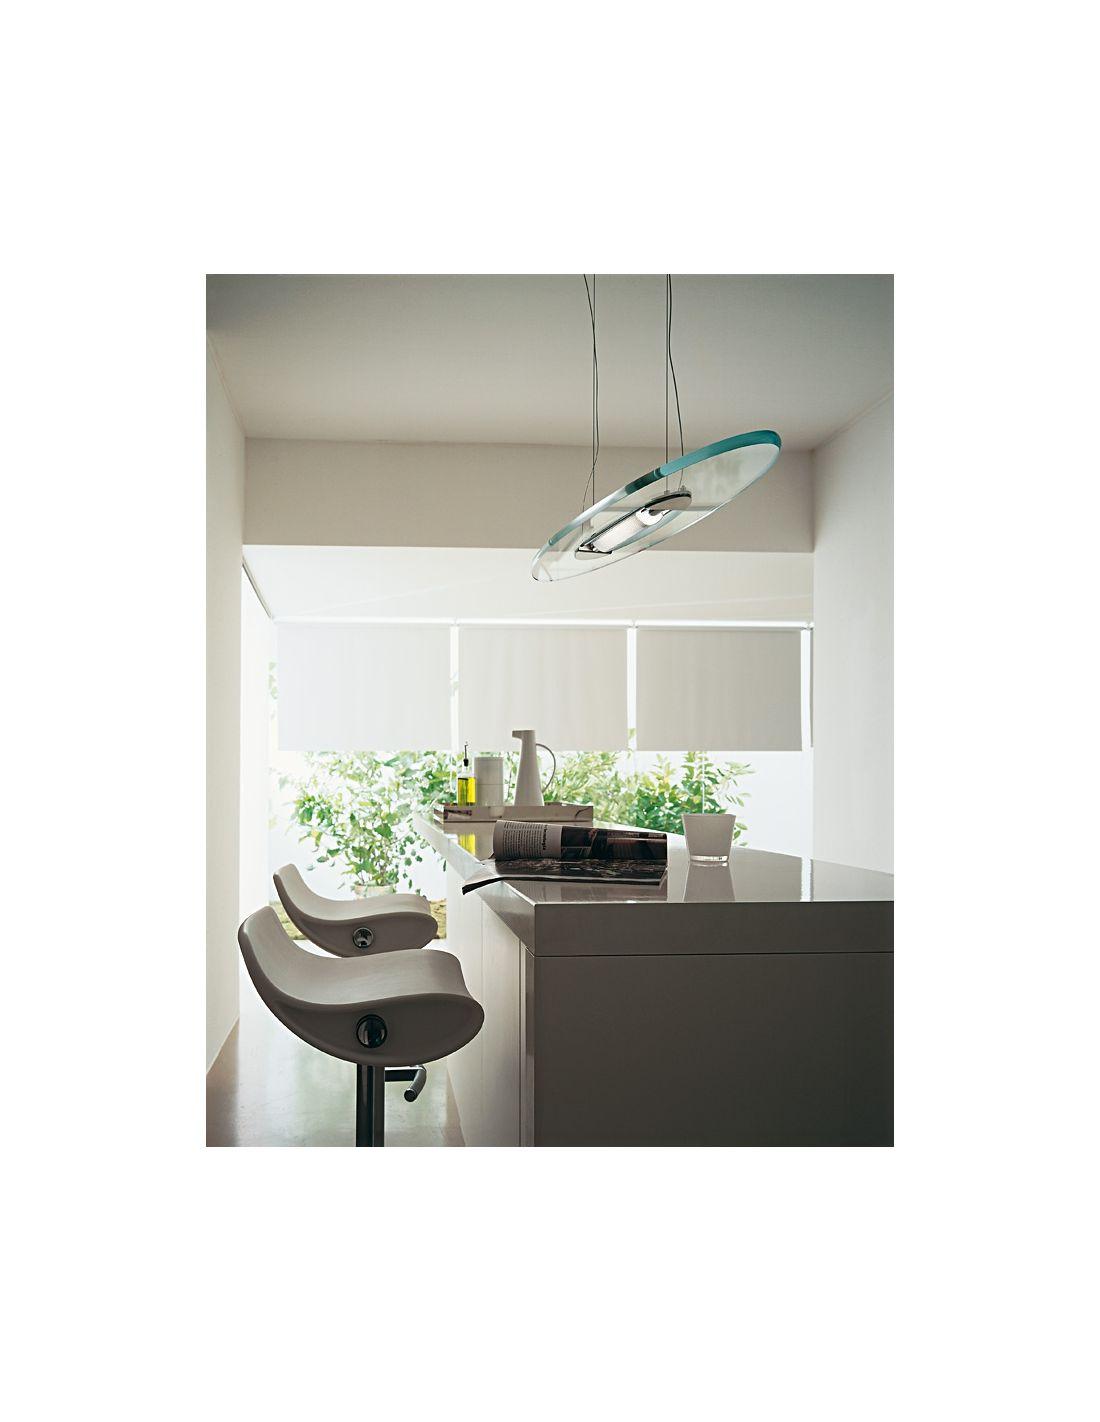 Lampadario design moderno a sospensione per illuminazione - Illuminazione interni design moderno ...